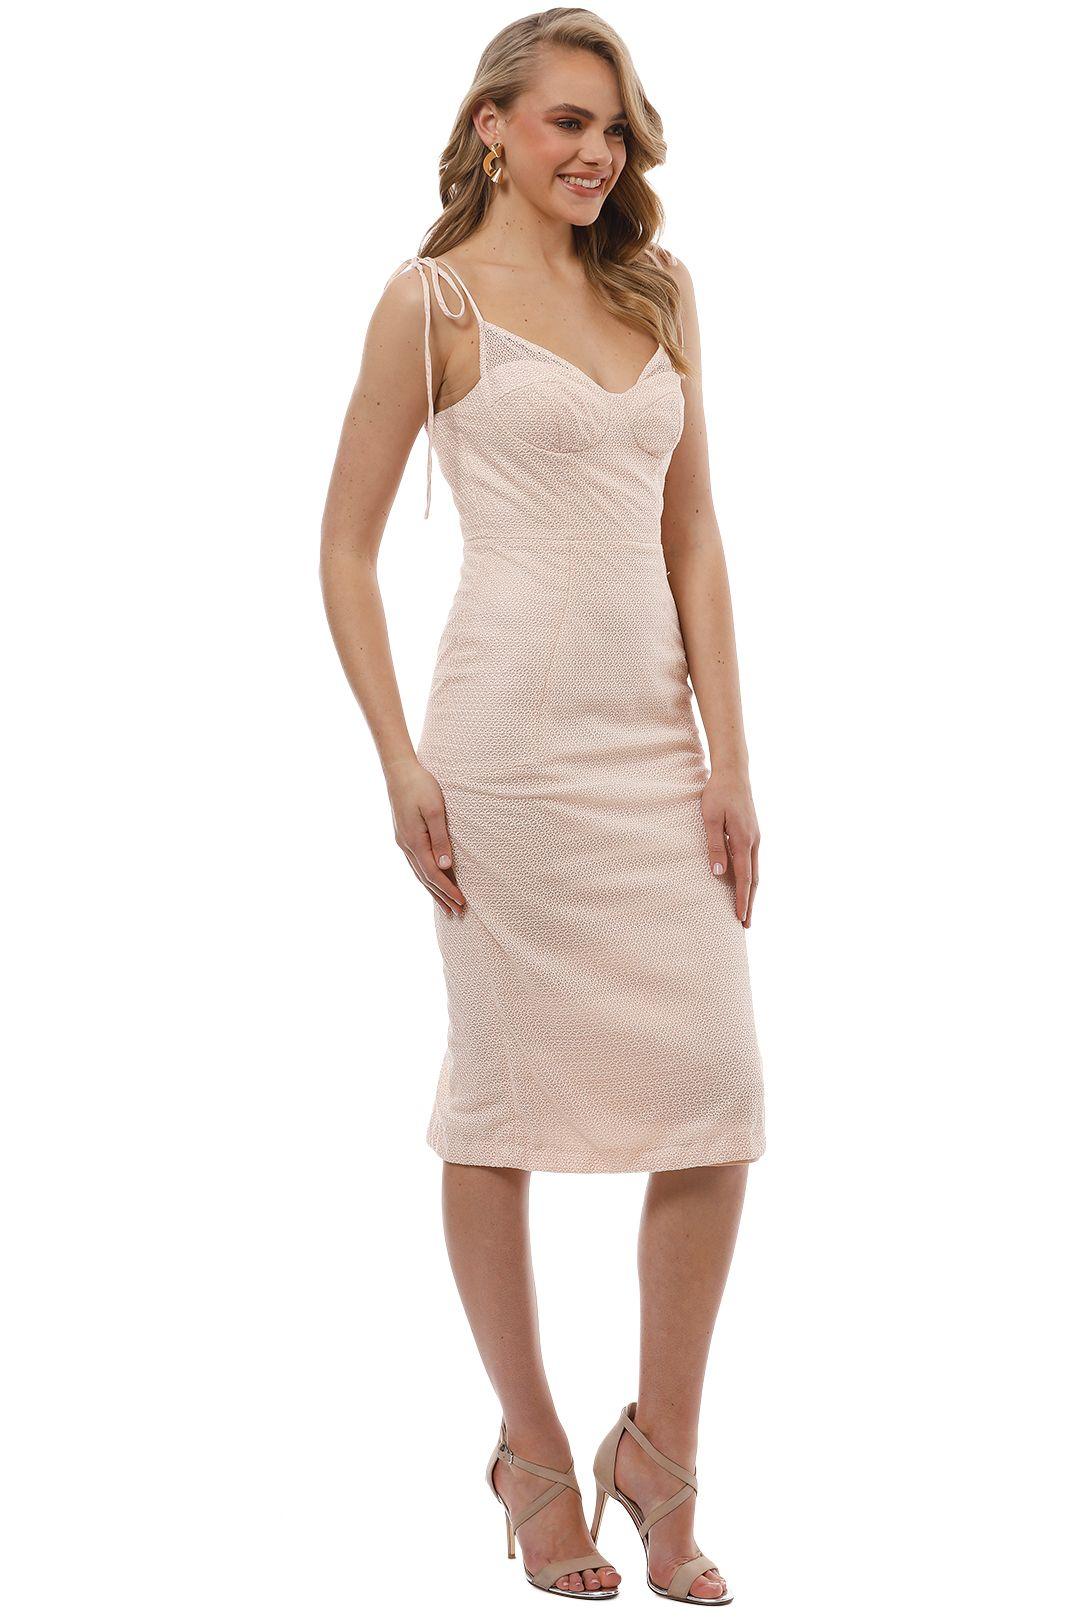 Rebecca Vallance - Avignon Dress - Nude - Side